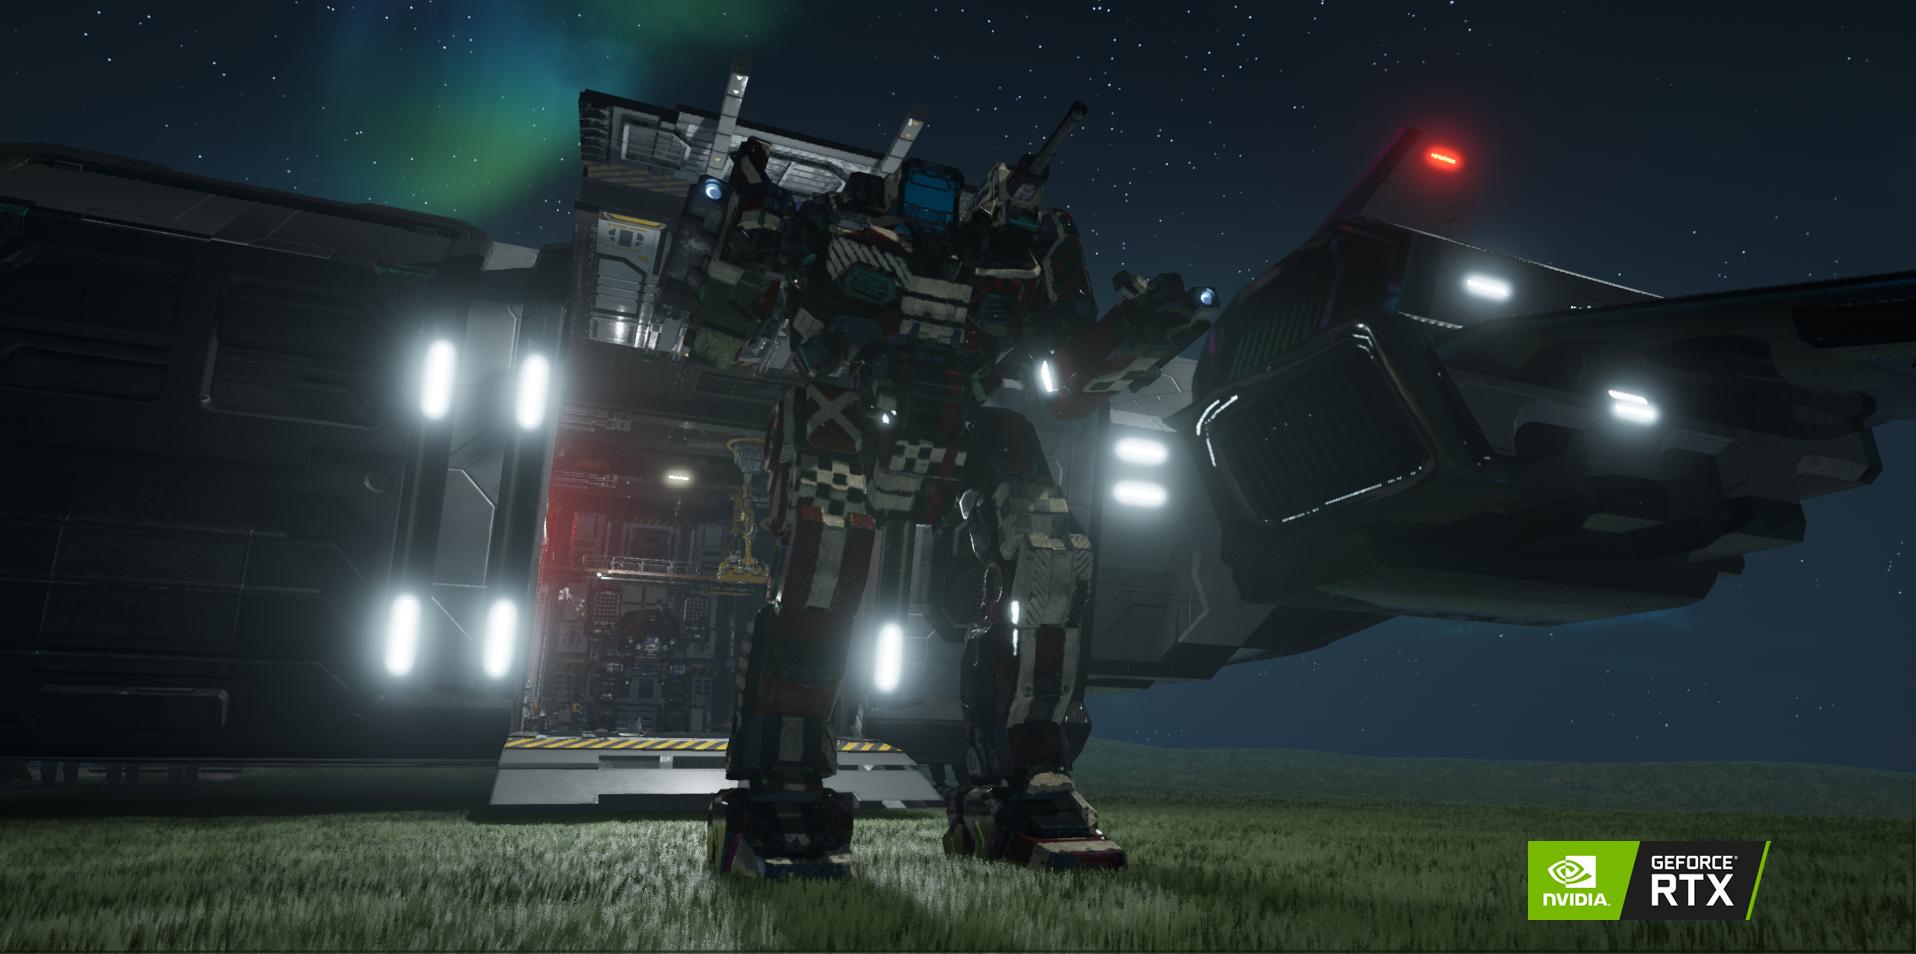 MechWarrior 5: Mercenaries Developer on NVIDIA RTX and